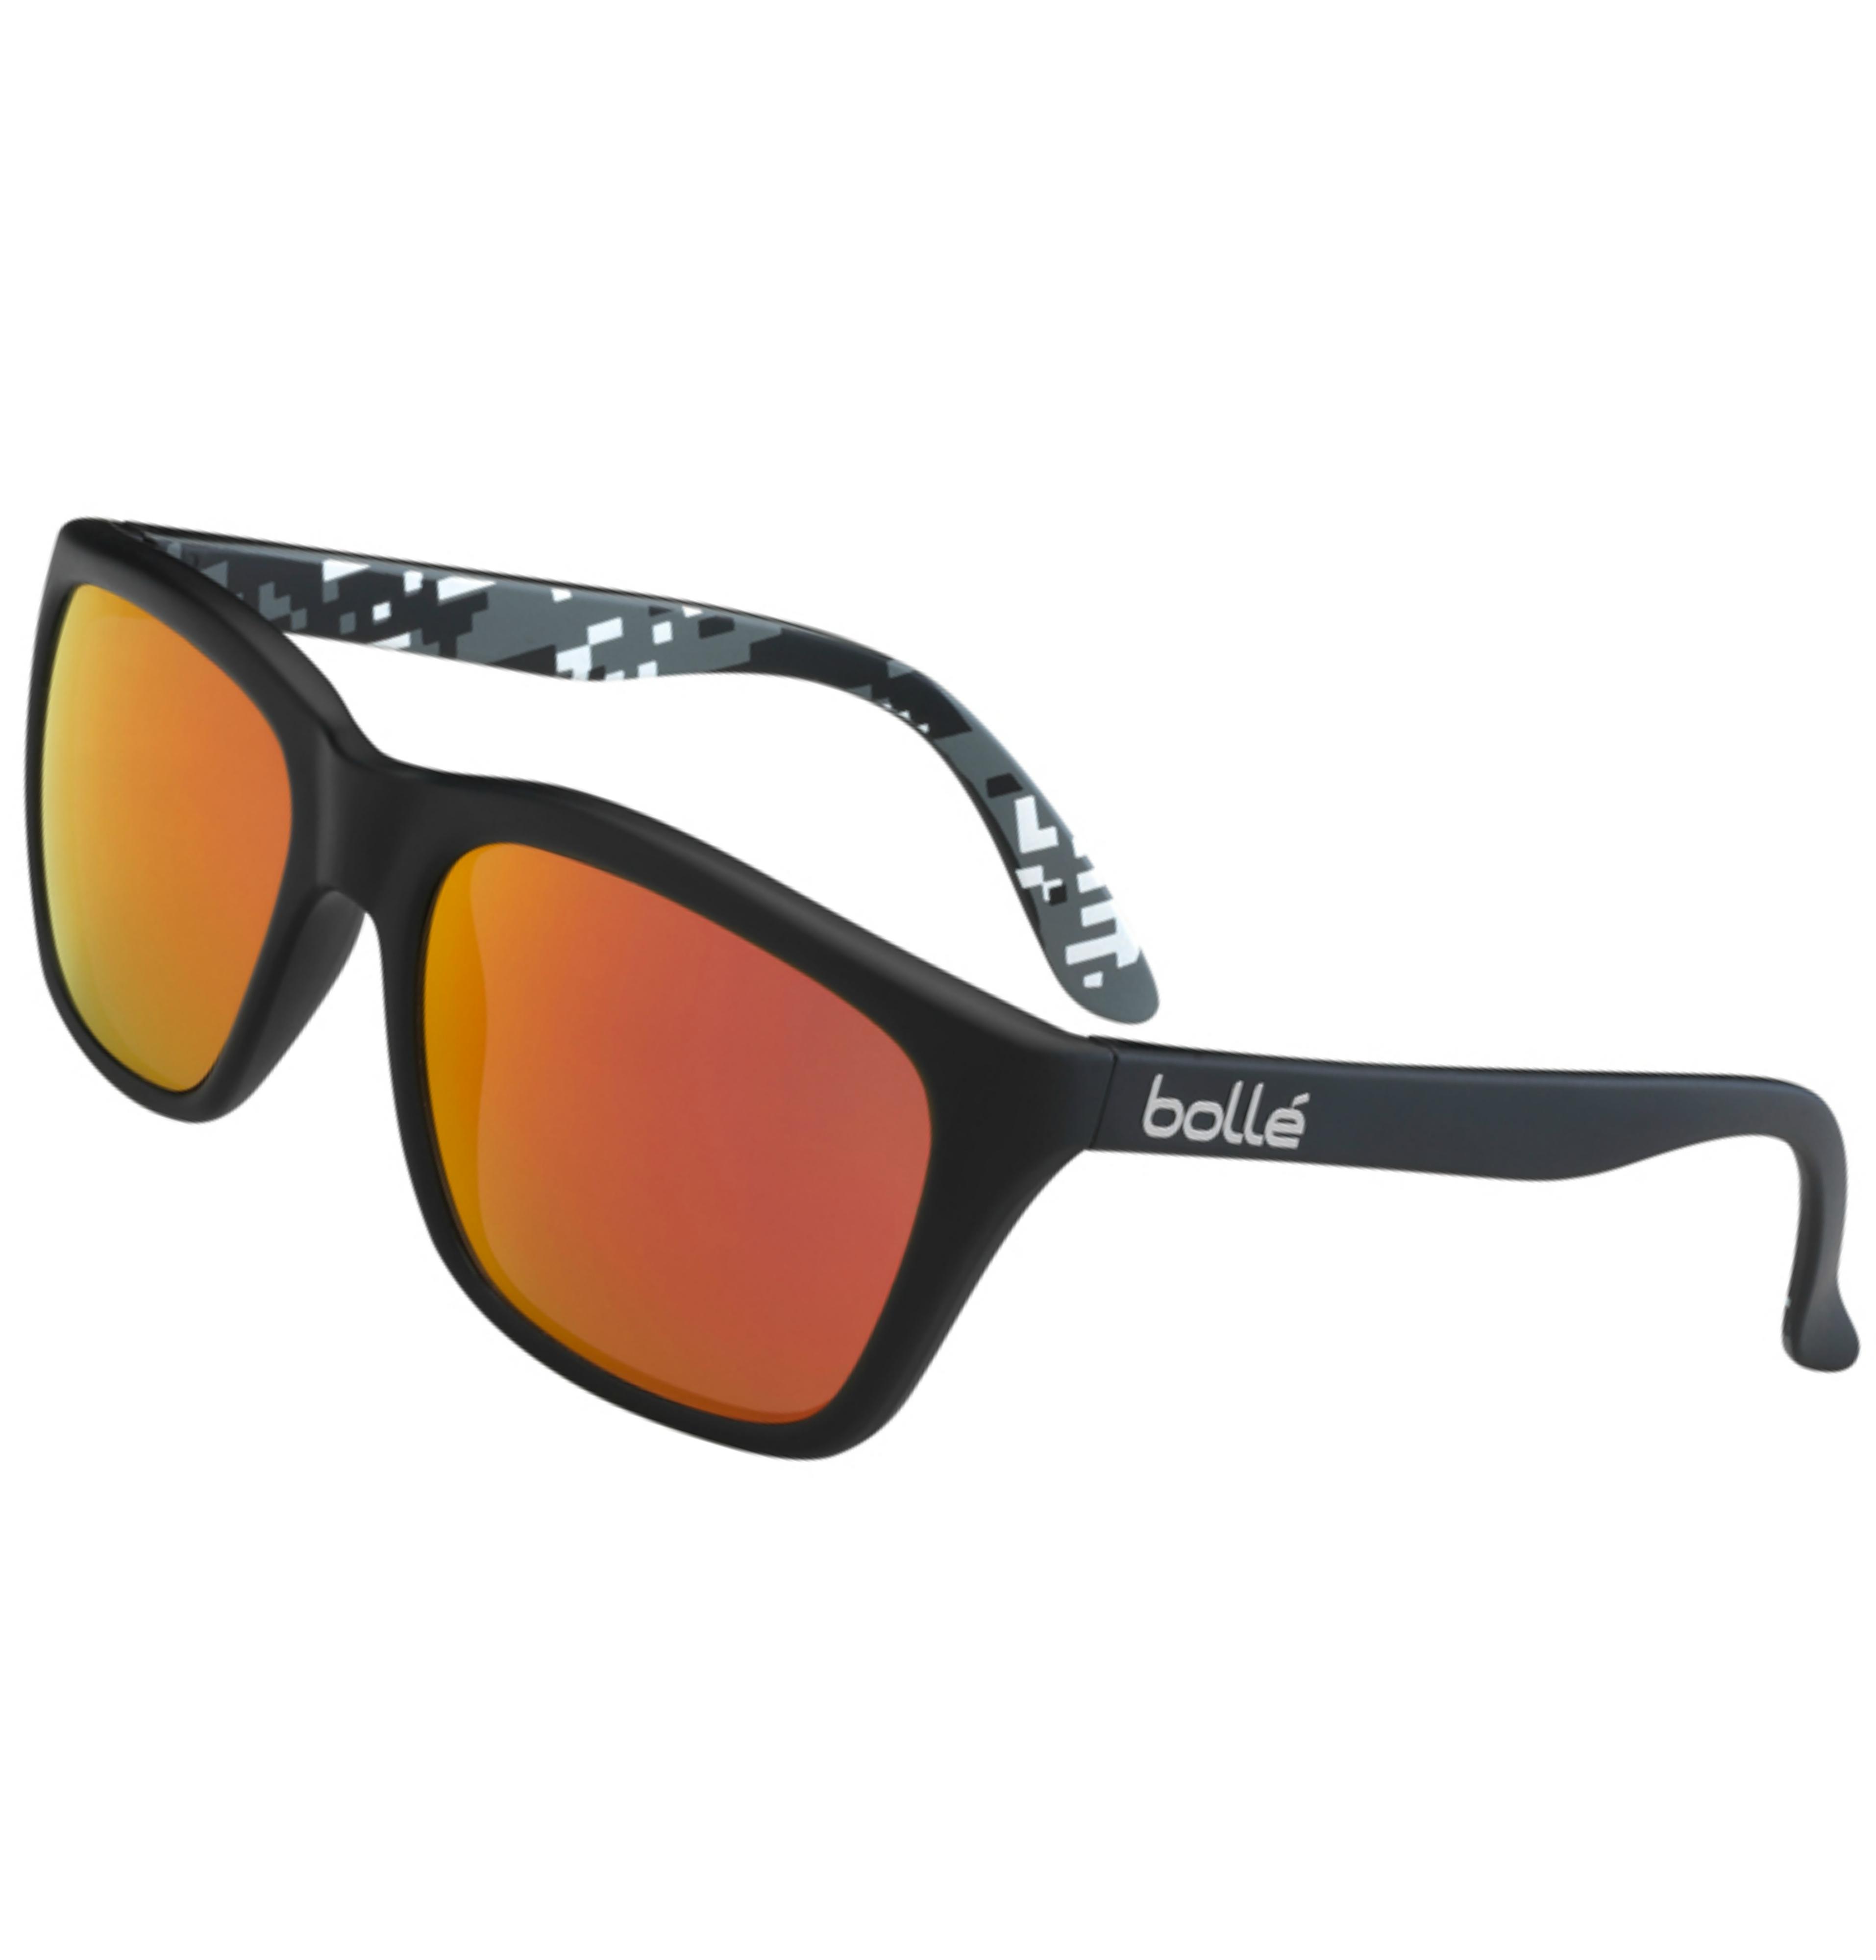 009686587bb Matte Black Camo Fram  BOLLÉ 527 New Generation Sunglasses Polarized Oleo  AR Lens Matte Black Camo Fram